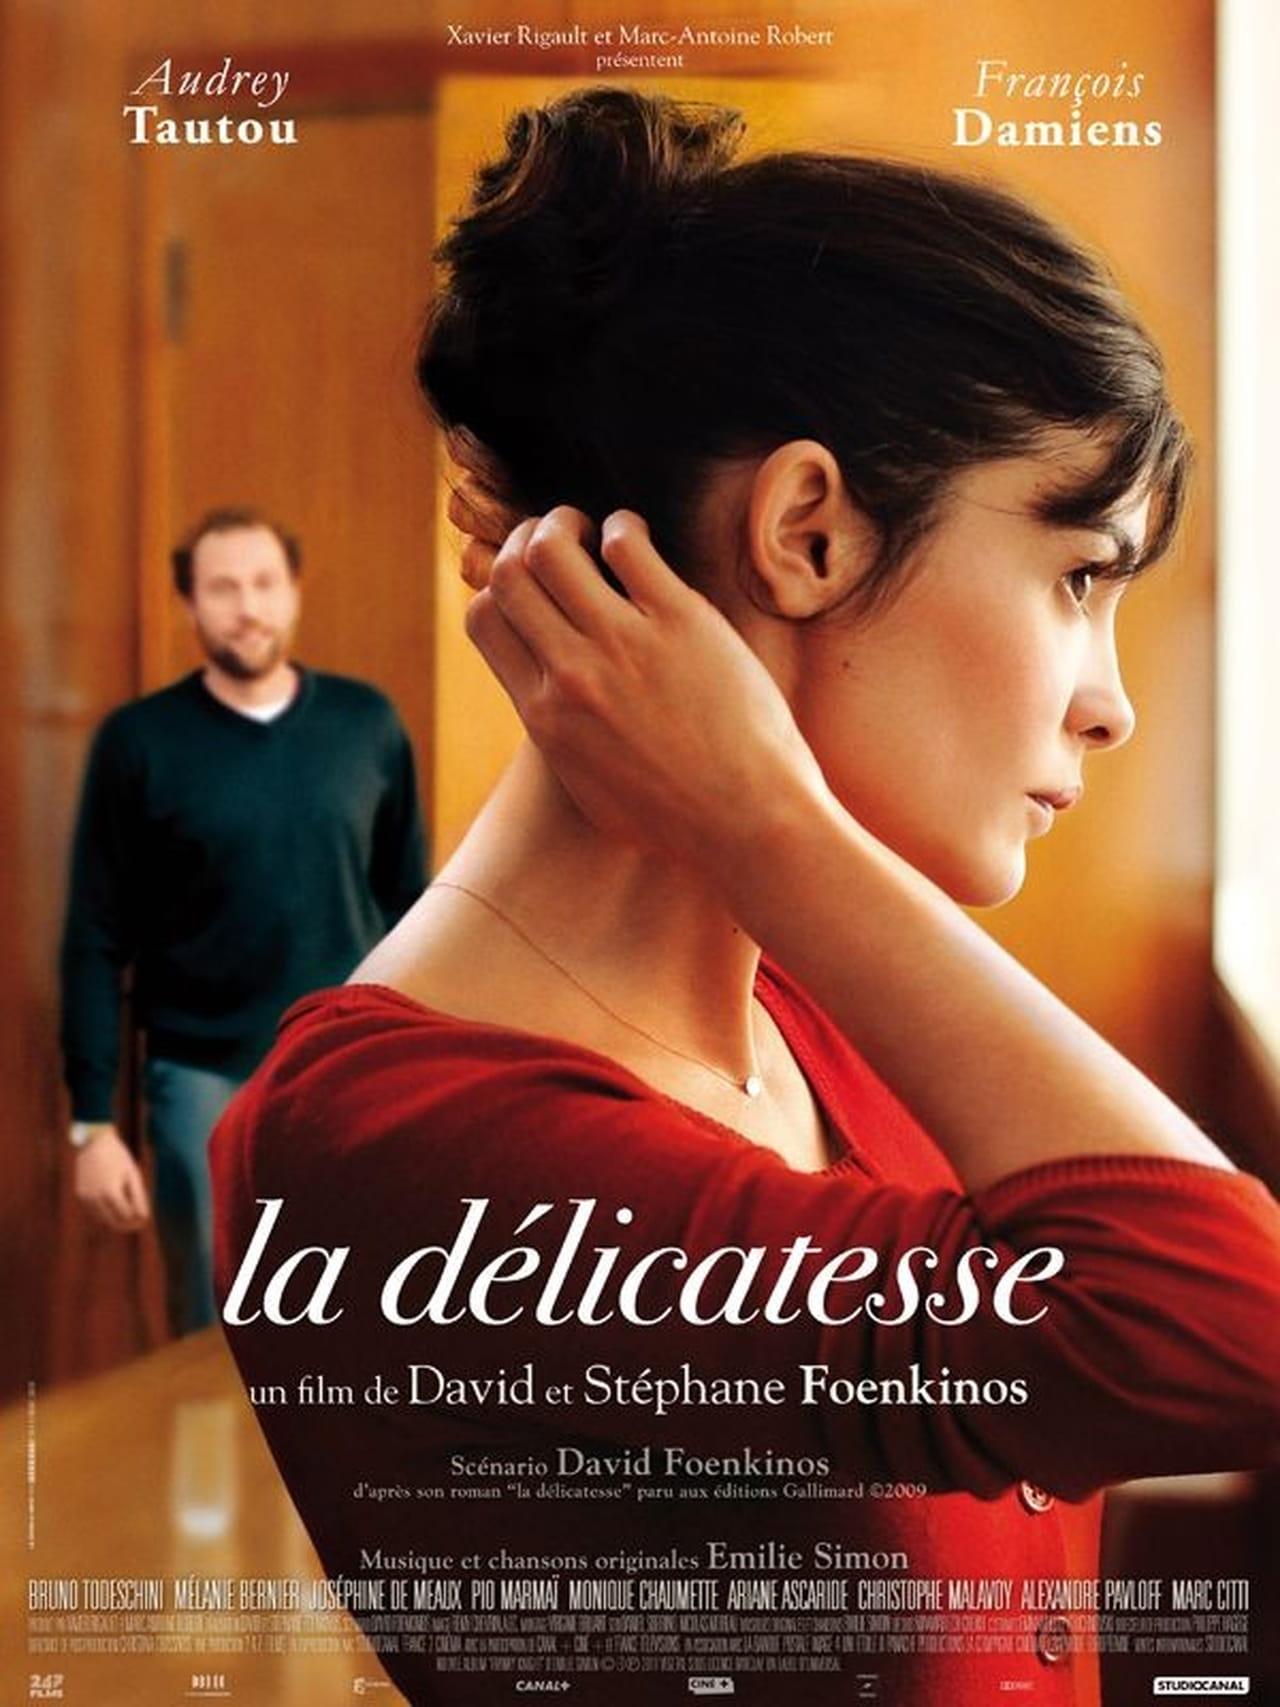 acd1283e99018e De mauvaise grâce et avant d'aller voir le film La Délicatesse, j'ai voulu  lire le livre que j'avais laissé de côté sur une pile depuis mal de temps,  ...